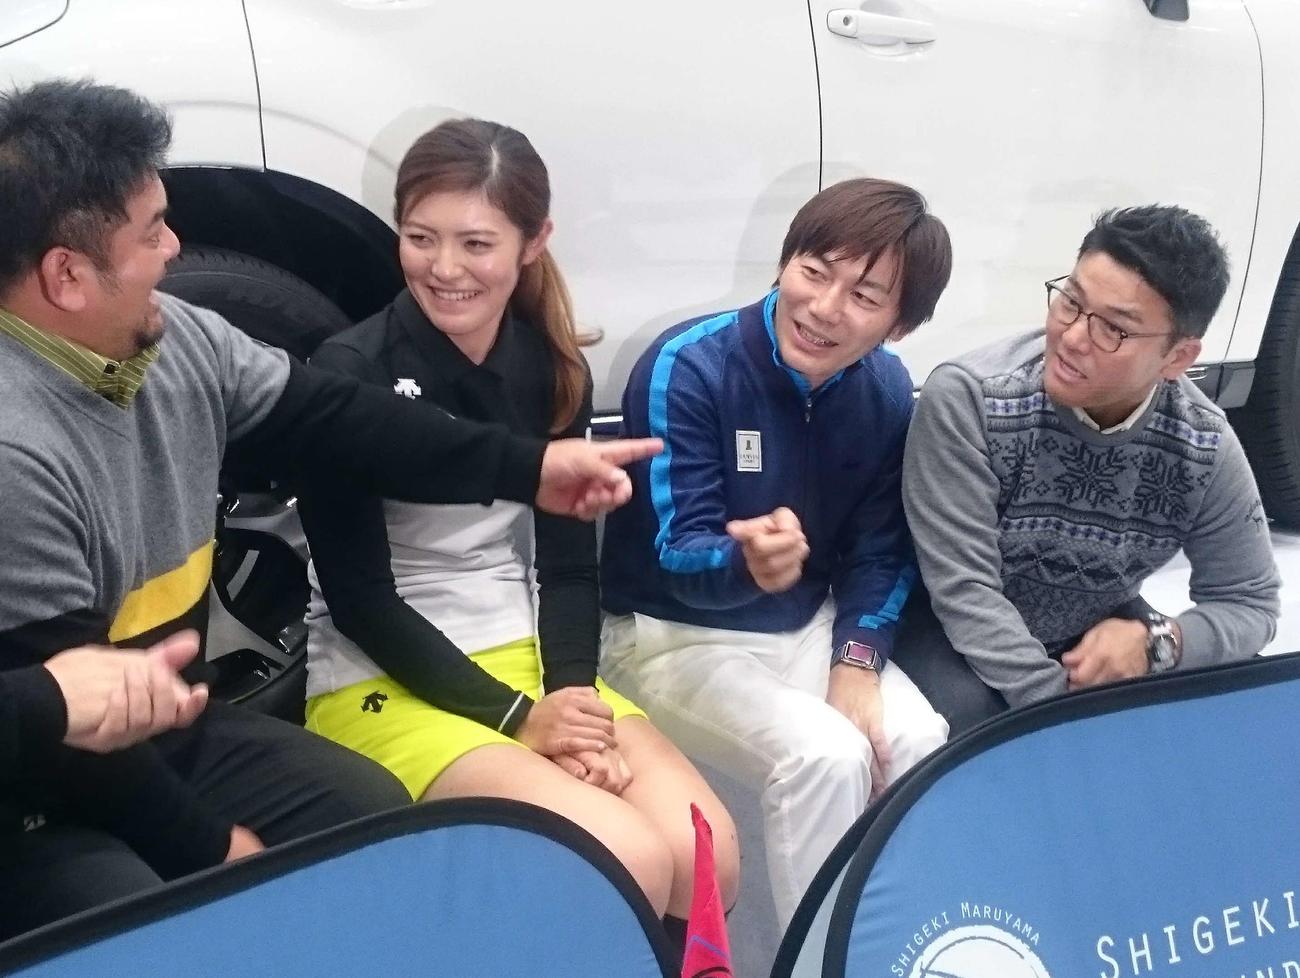 イベントで談笑する、左から宮里聖志、渡辺彩香、内藤雄士、丸山茂樹(2016年12月23日撮影)